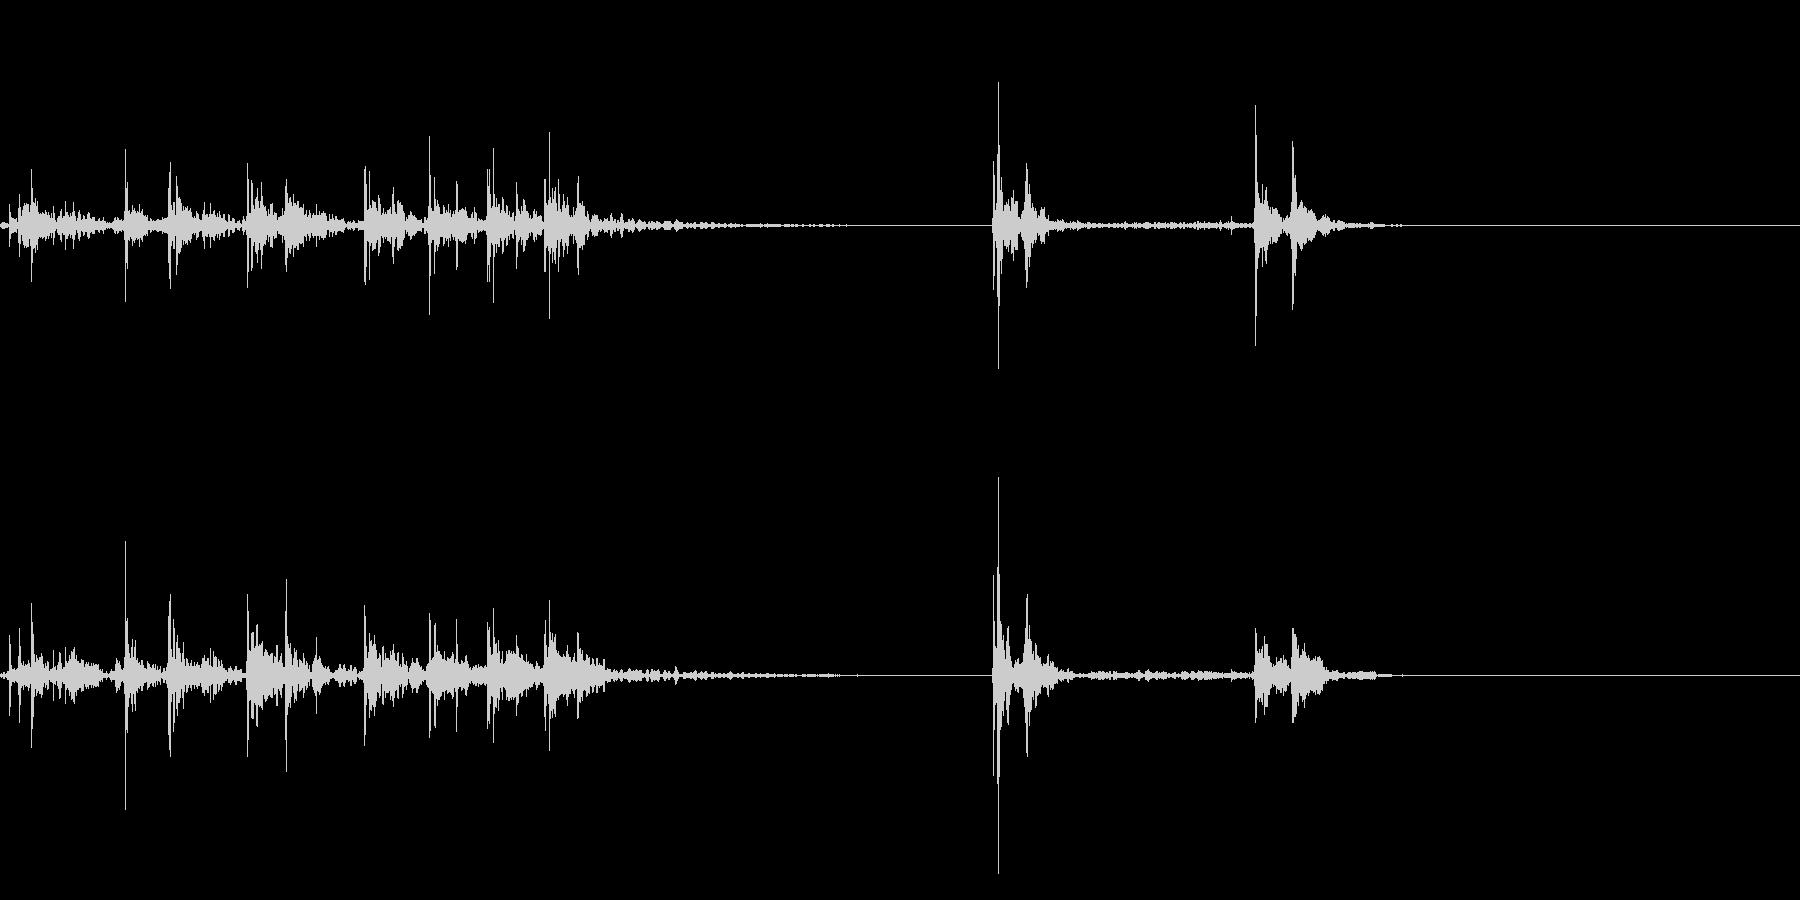 キーボードをタイピングするリアル効果音5の未再生の波形